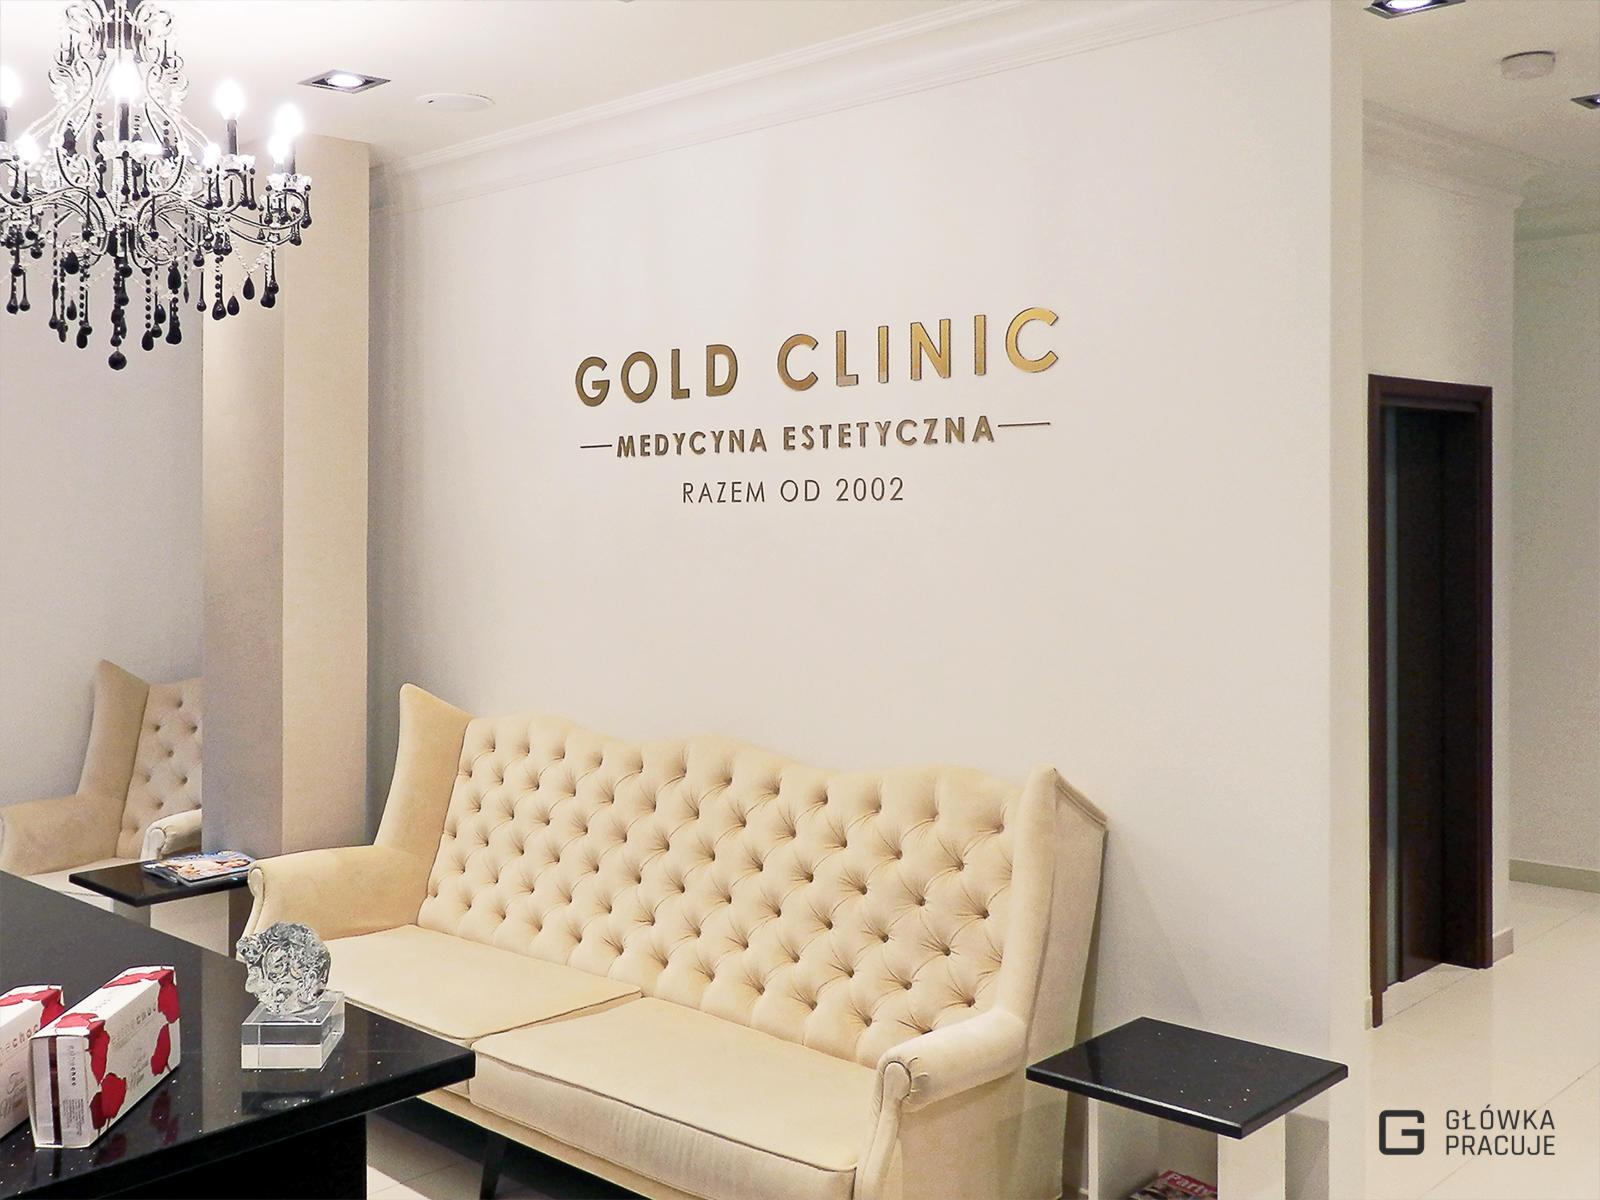 Główka pracuje pl Gold Clinic logotyp z plexi bezbarwnej podklejonej złotą folią, recepcja